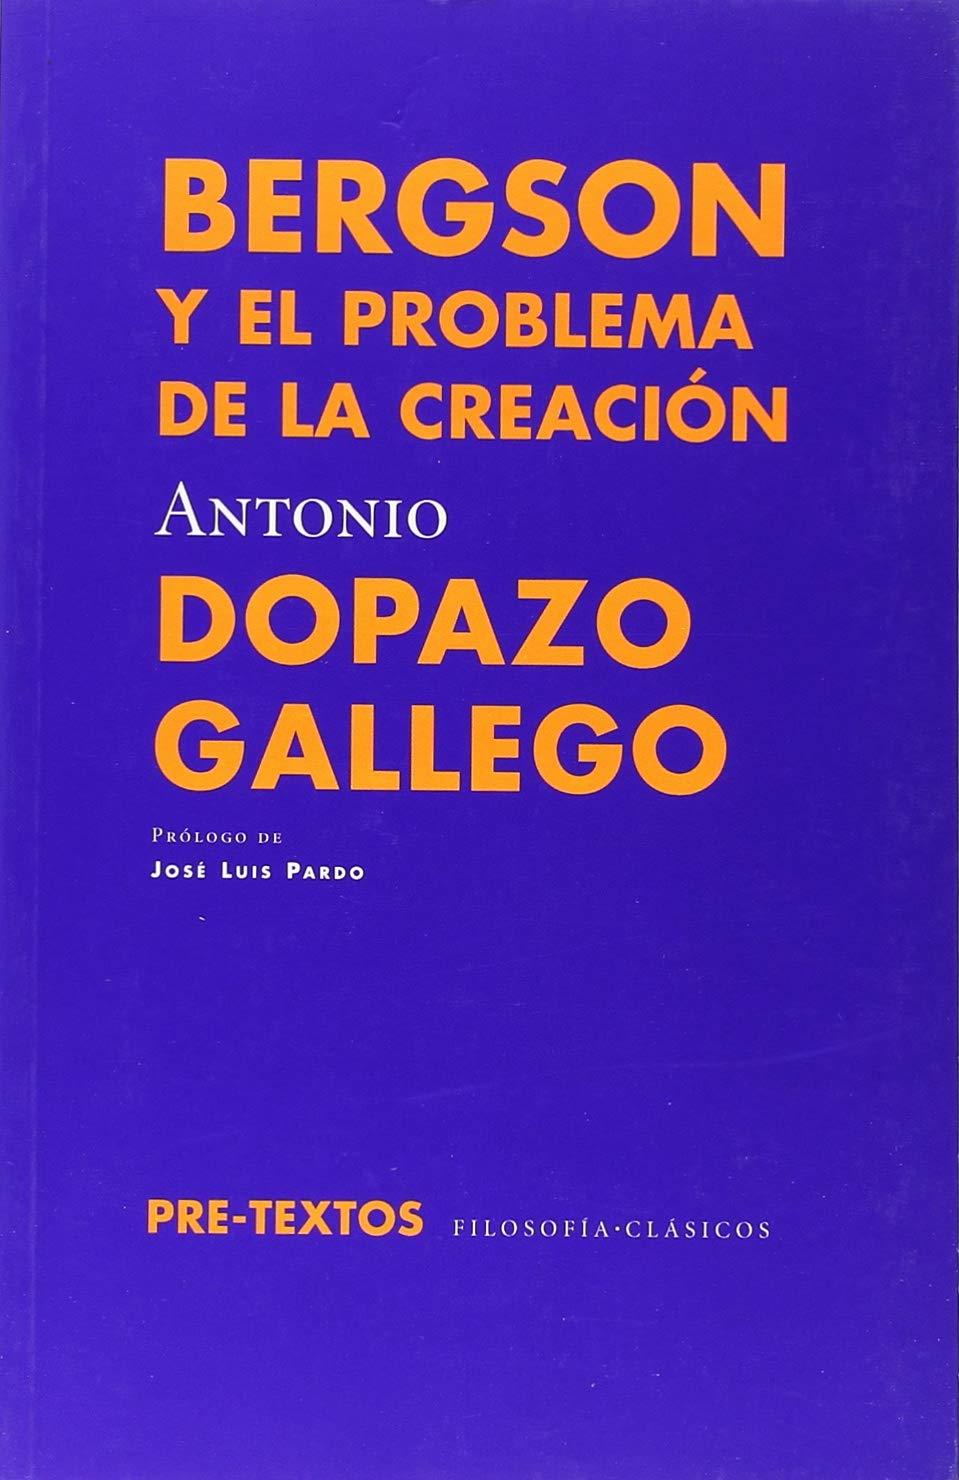 Bergson y el problema de la creación Filosofía clásicos: Amazon.es: Antonio Dopazo, José Luis Pardo: Libros